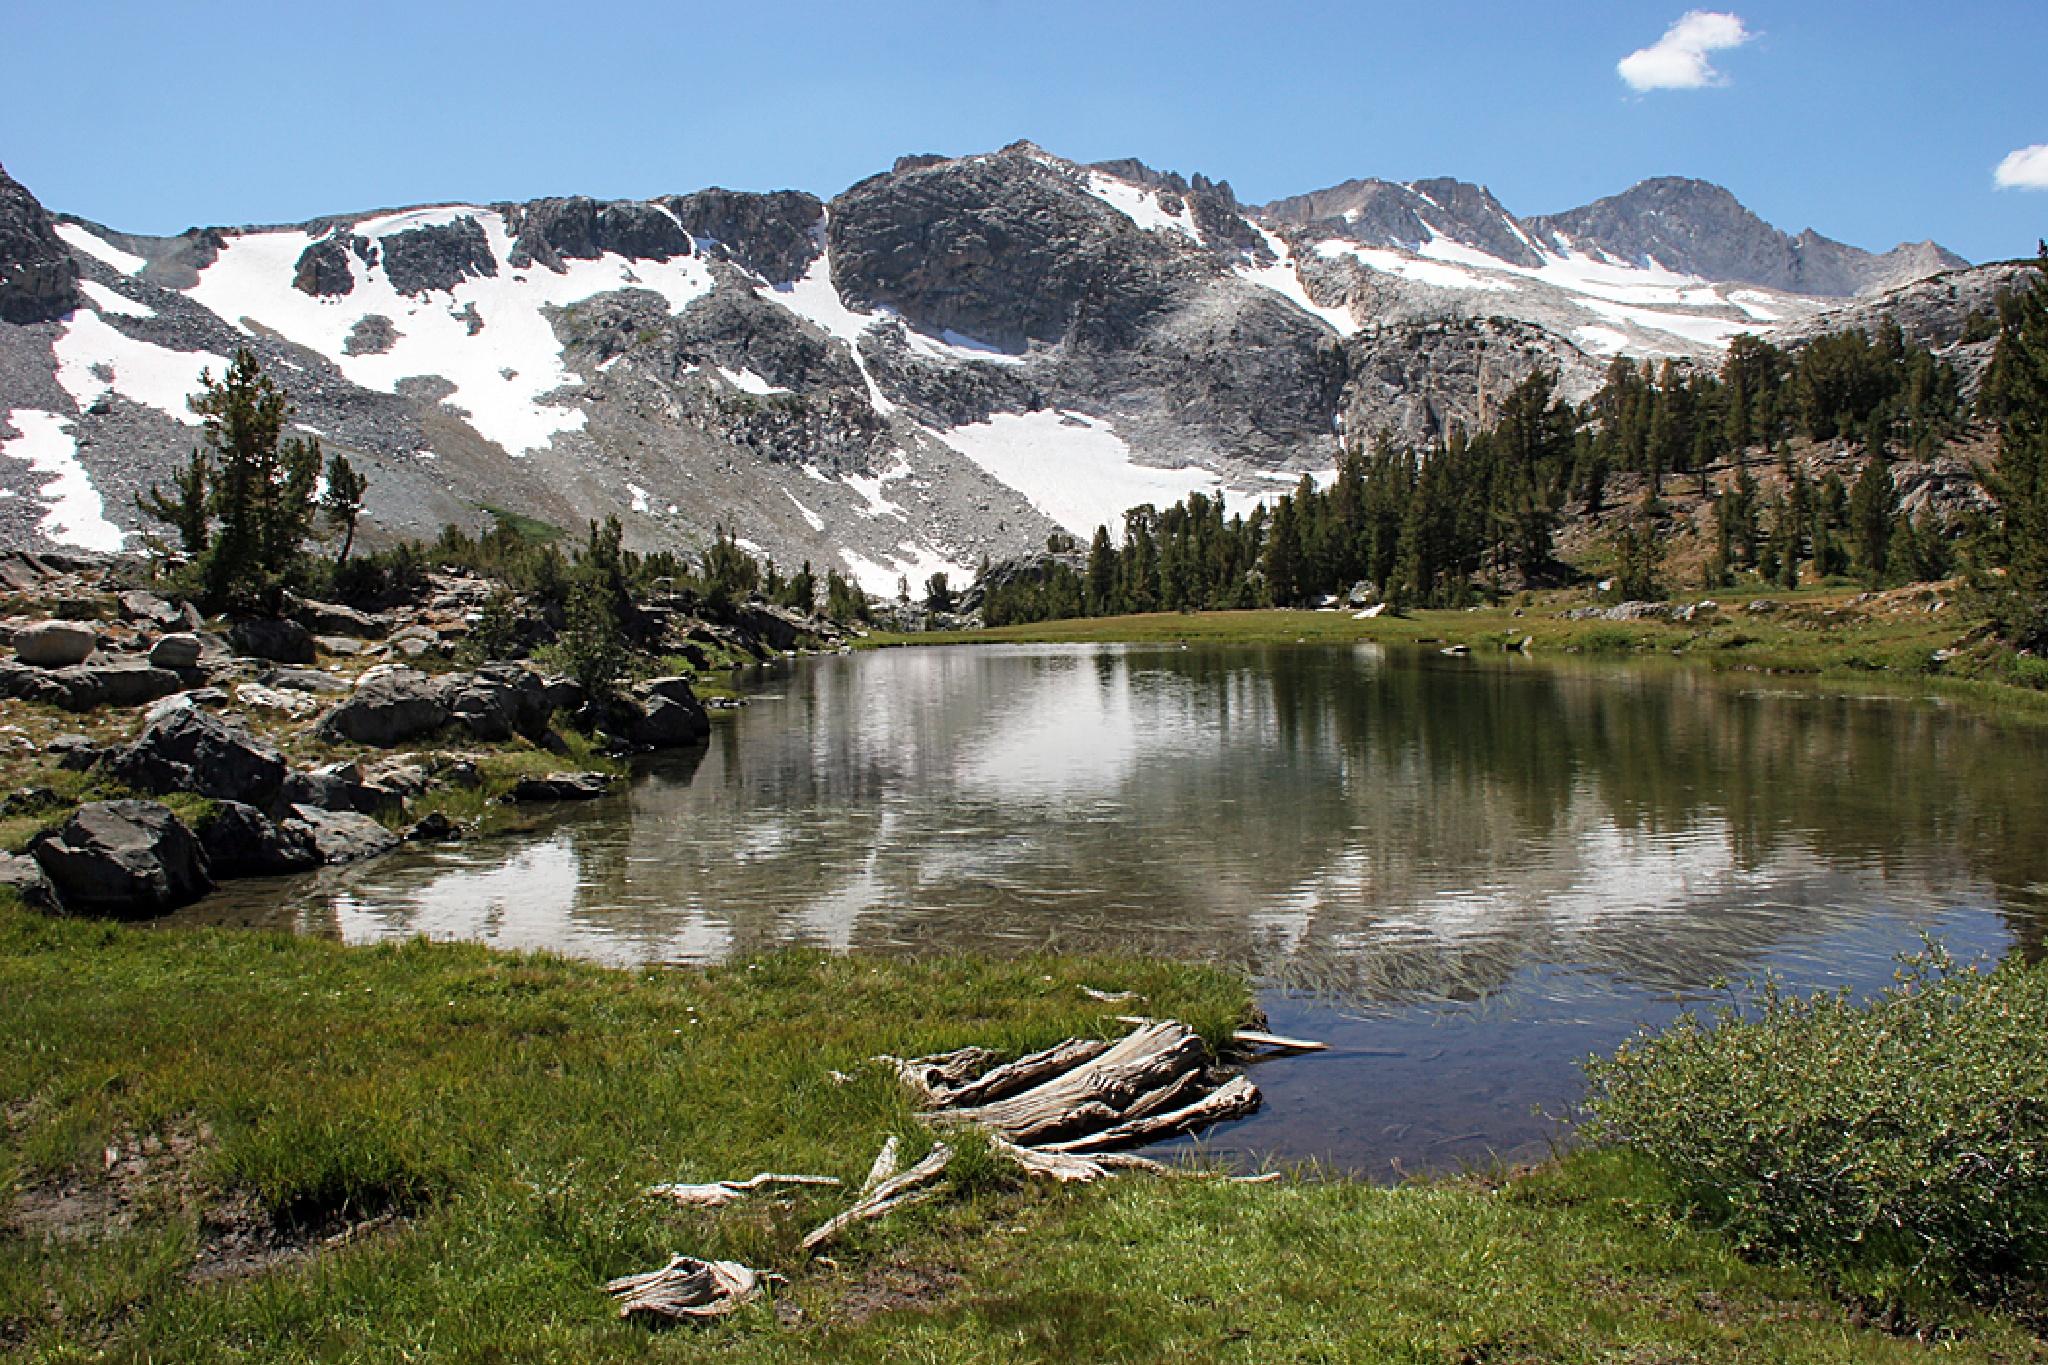 20 Lakes Basin - Wasco Lake by Carl Main